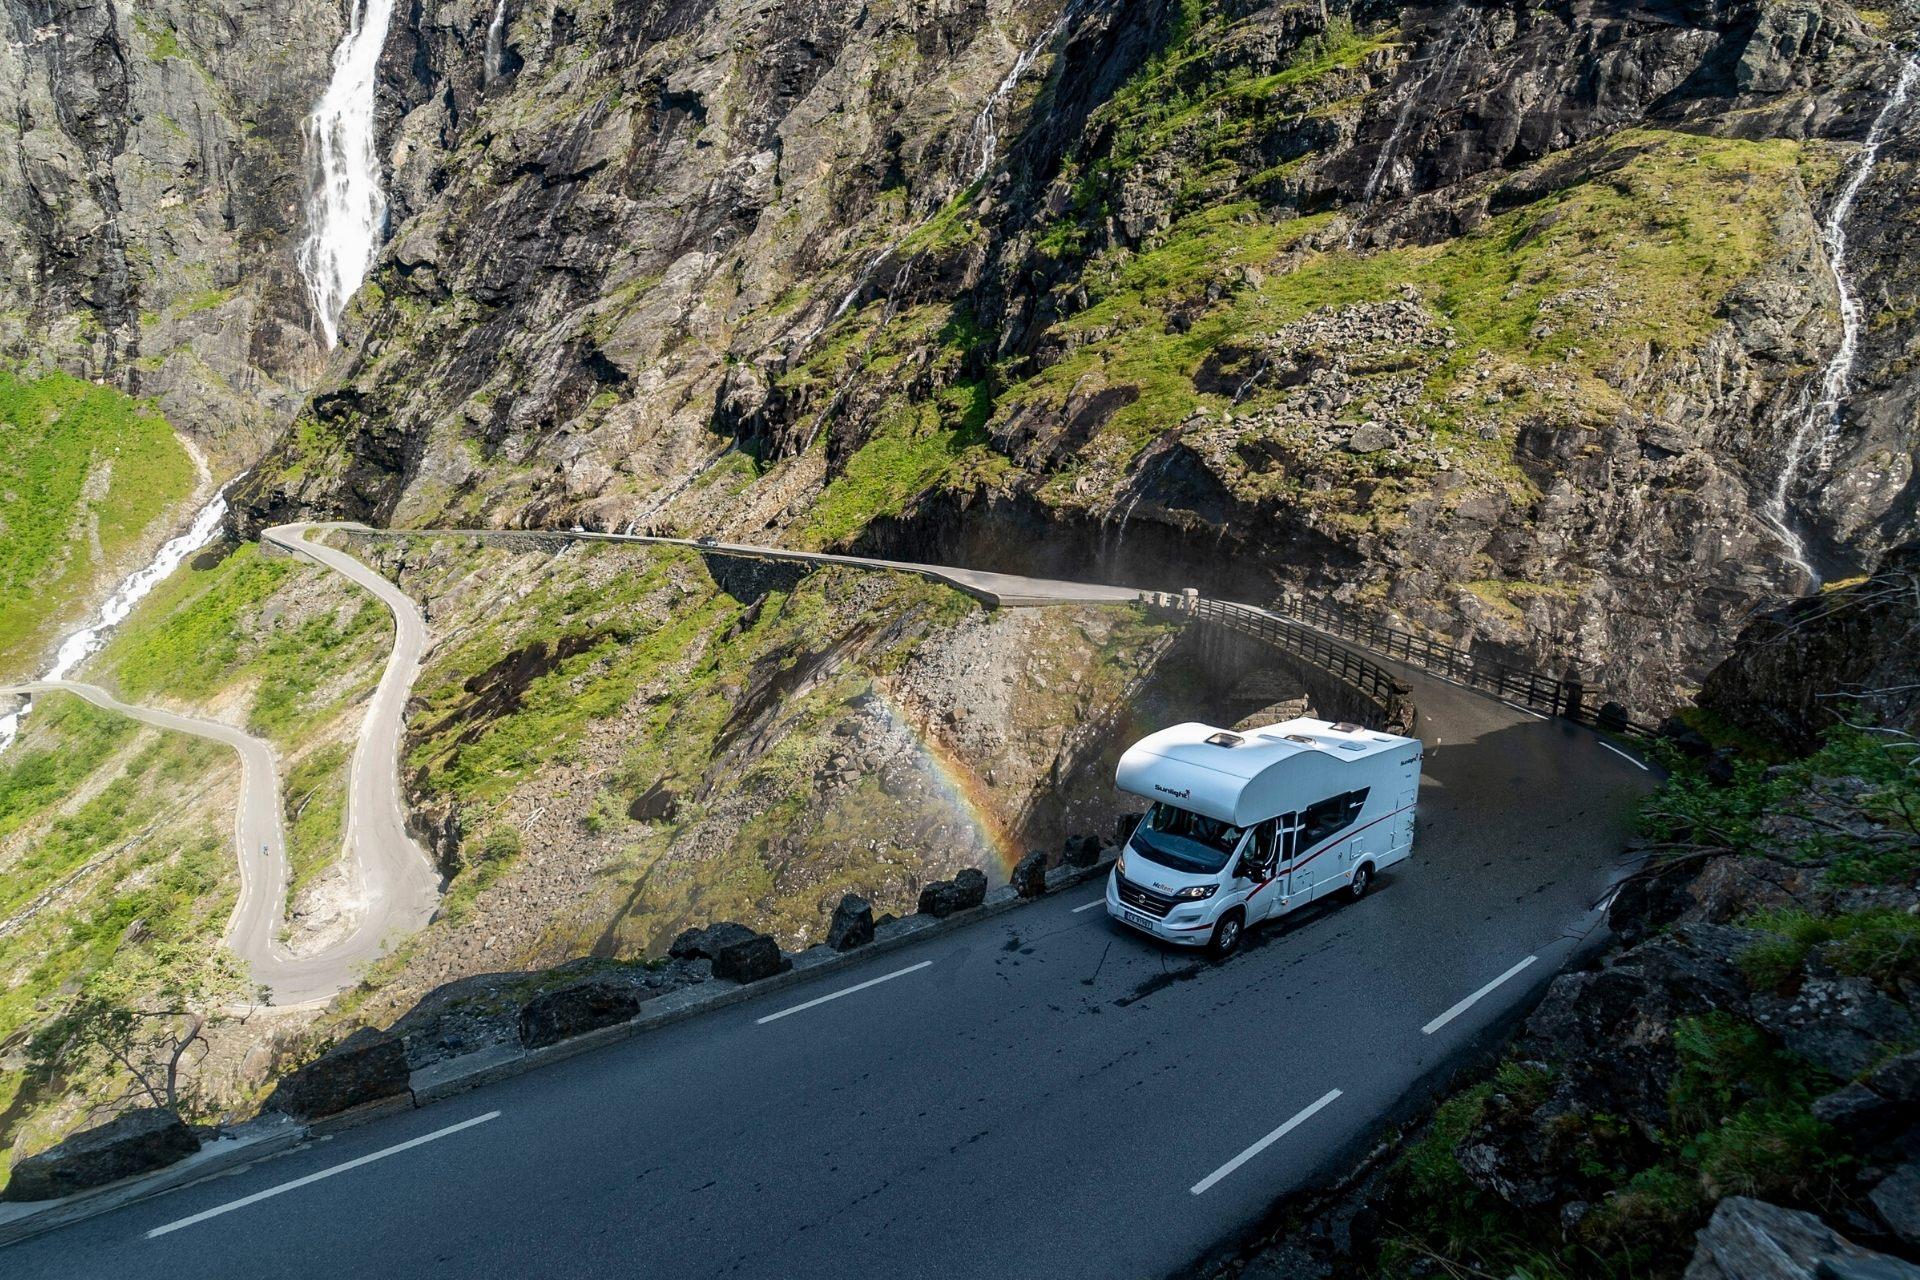 Opplev Europas høyeste utkikkspunkt, kjør Trollstigen og bad i grønn innsjø